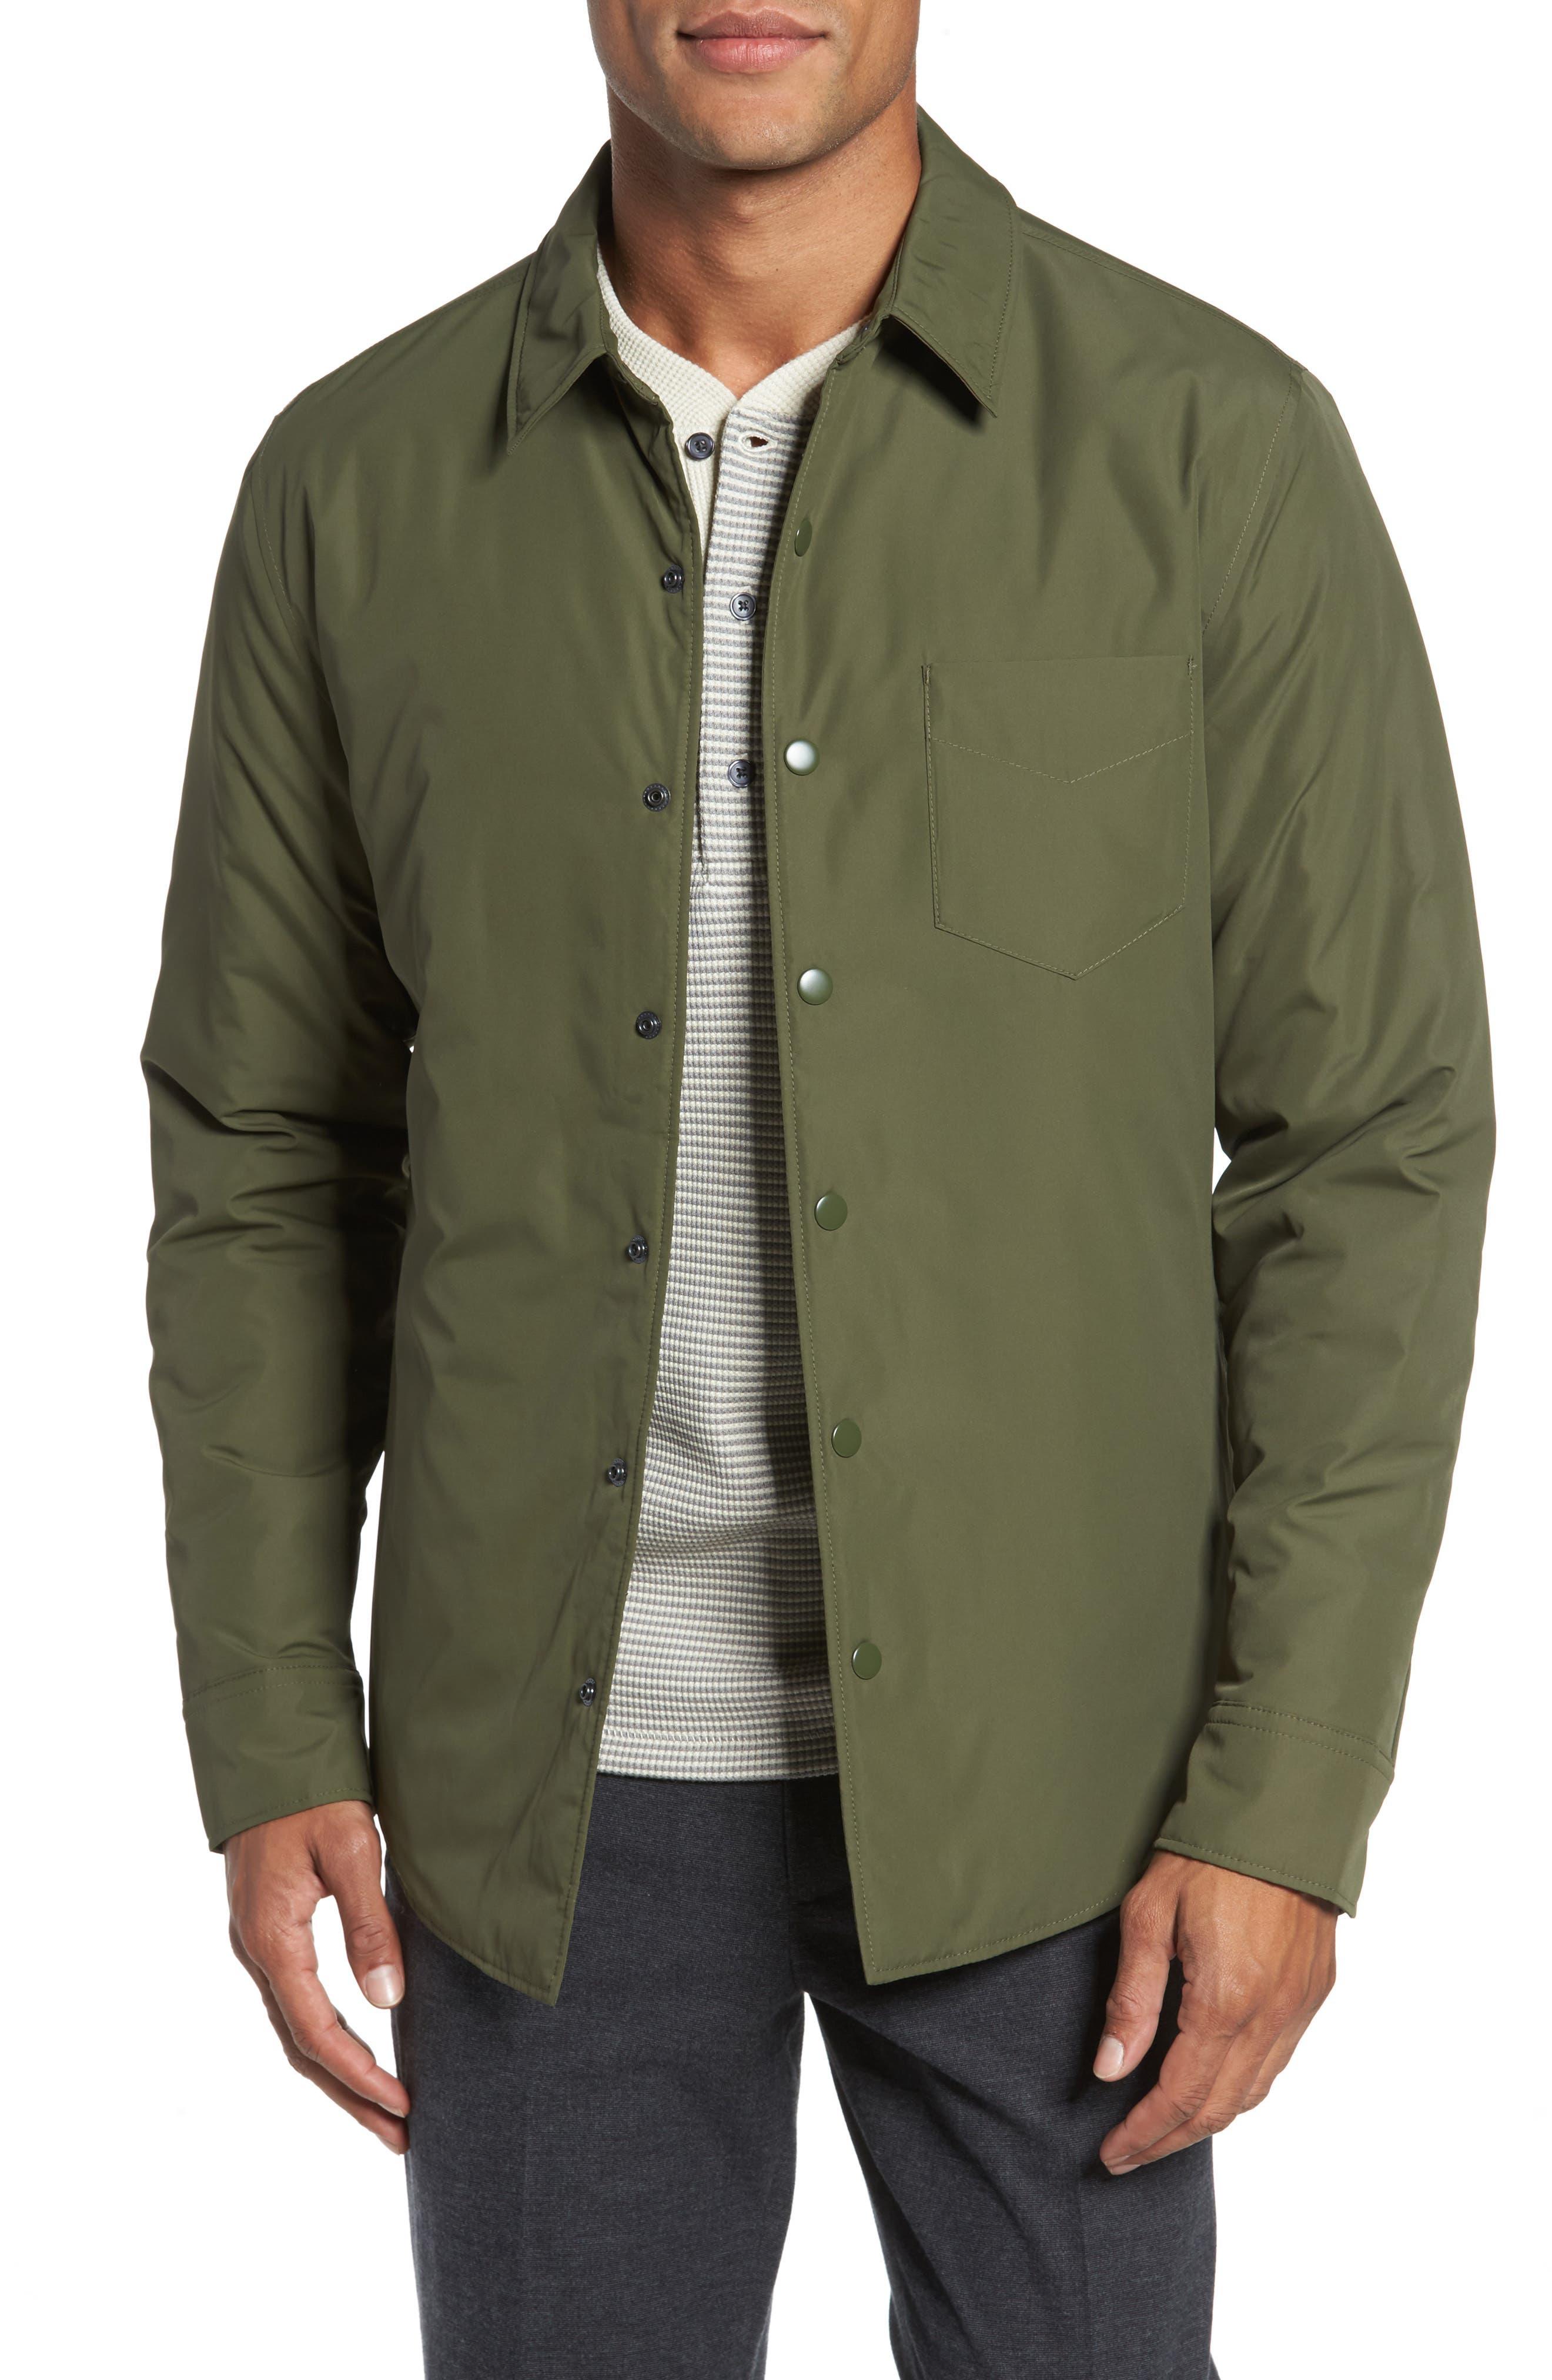 Bonobos Snap Front Shirt Jacket